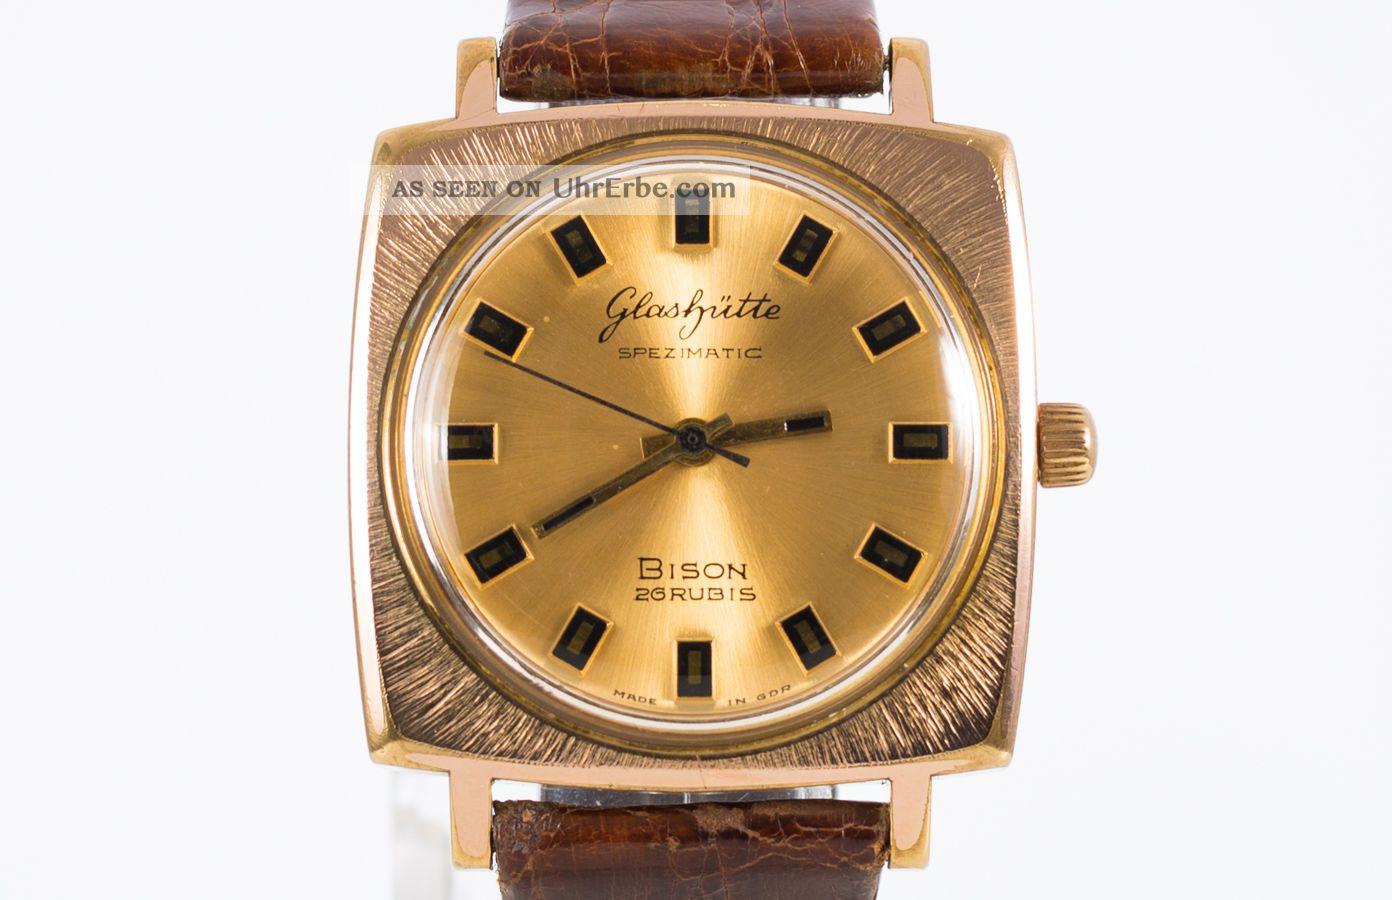 Glashütte Automatic Bison Vergoldete Deutscher Herren Armbanduhr Cal.  74 70 ' Er Armbanduhren Bild